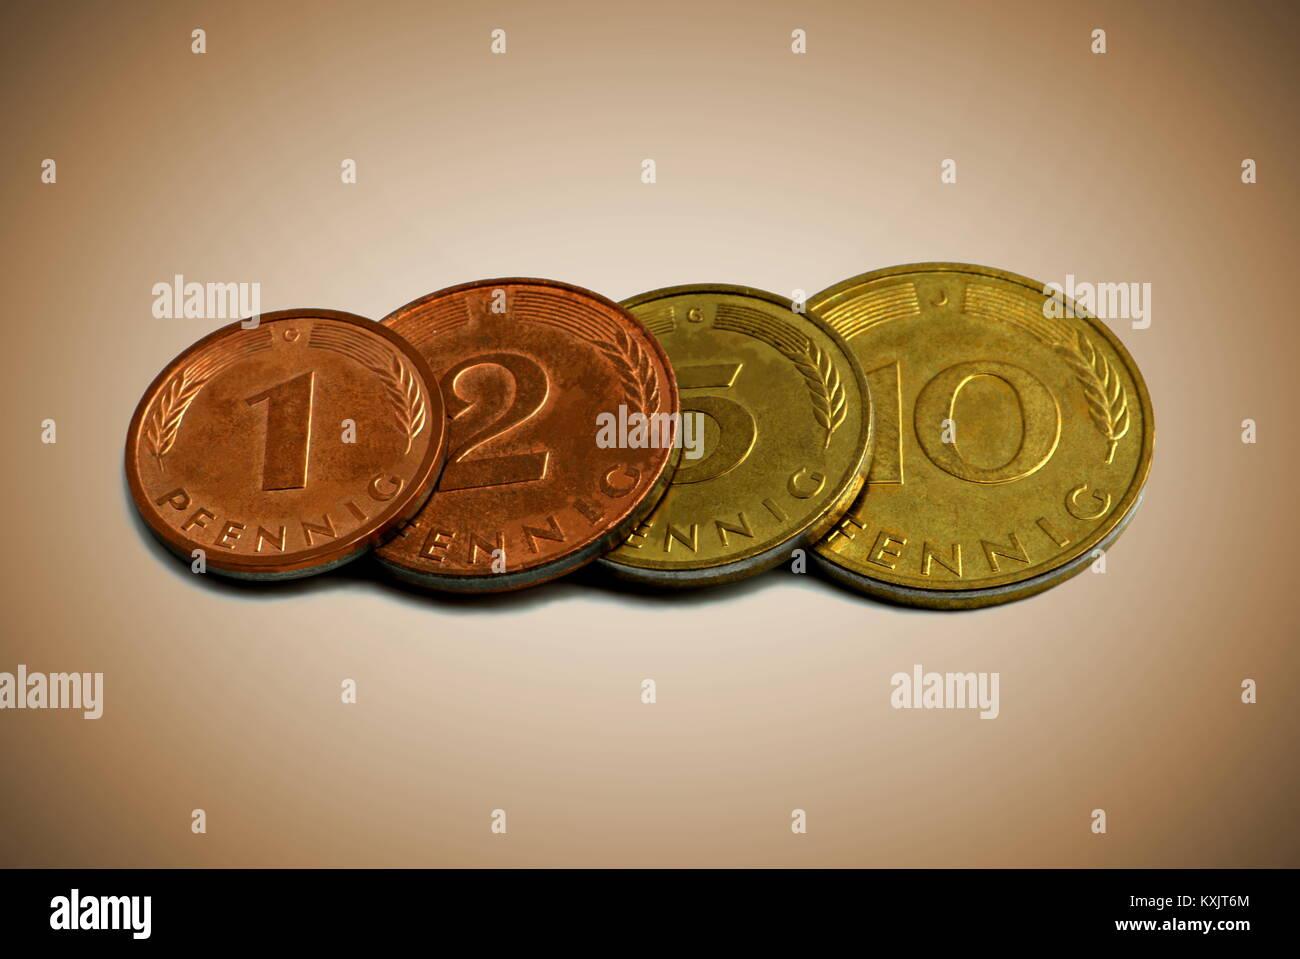 Nahaufnahme Von Vier Alte Deutsche Münzen Auf Einem Sepia